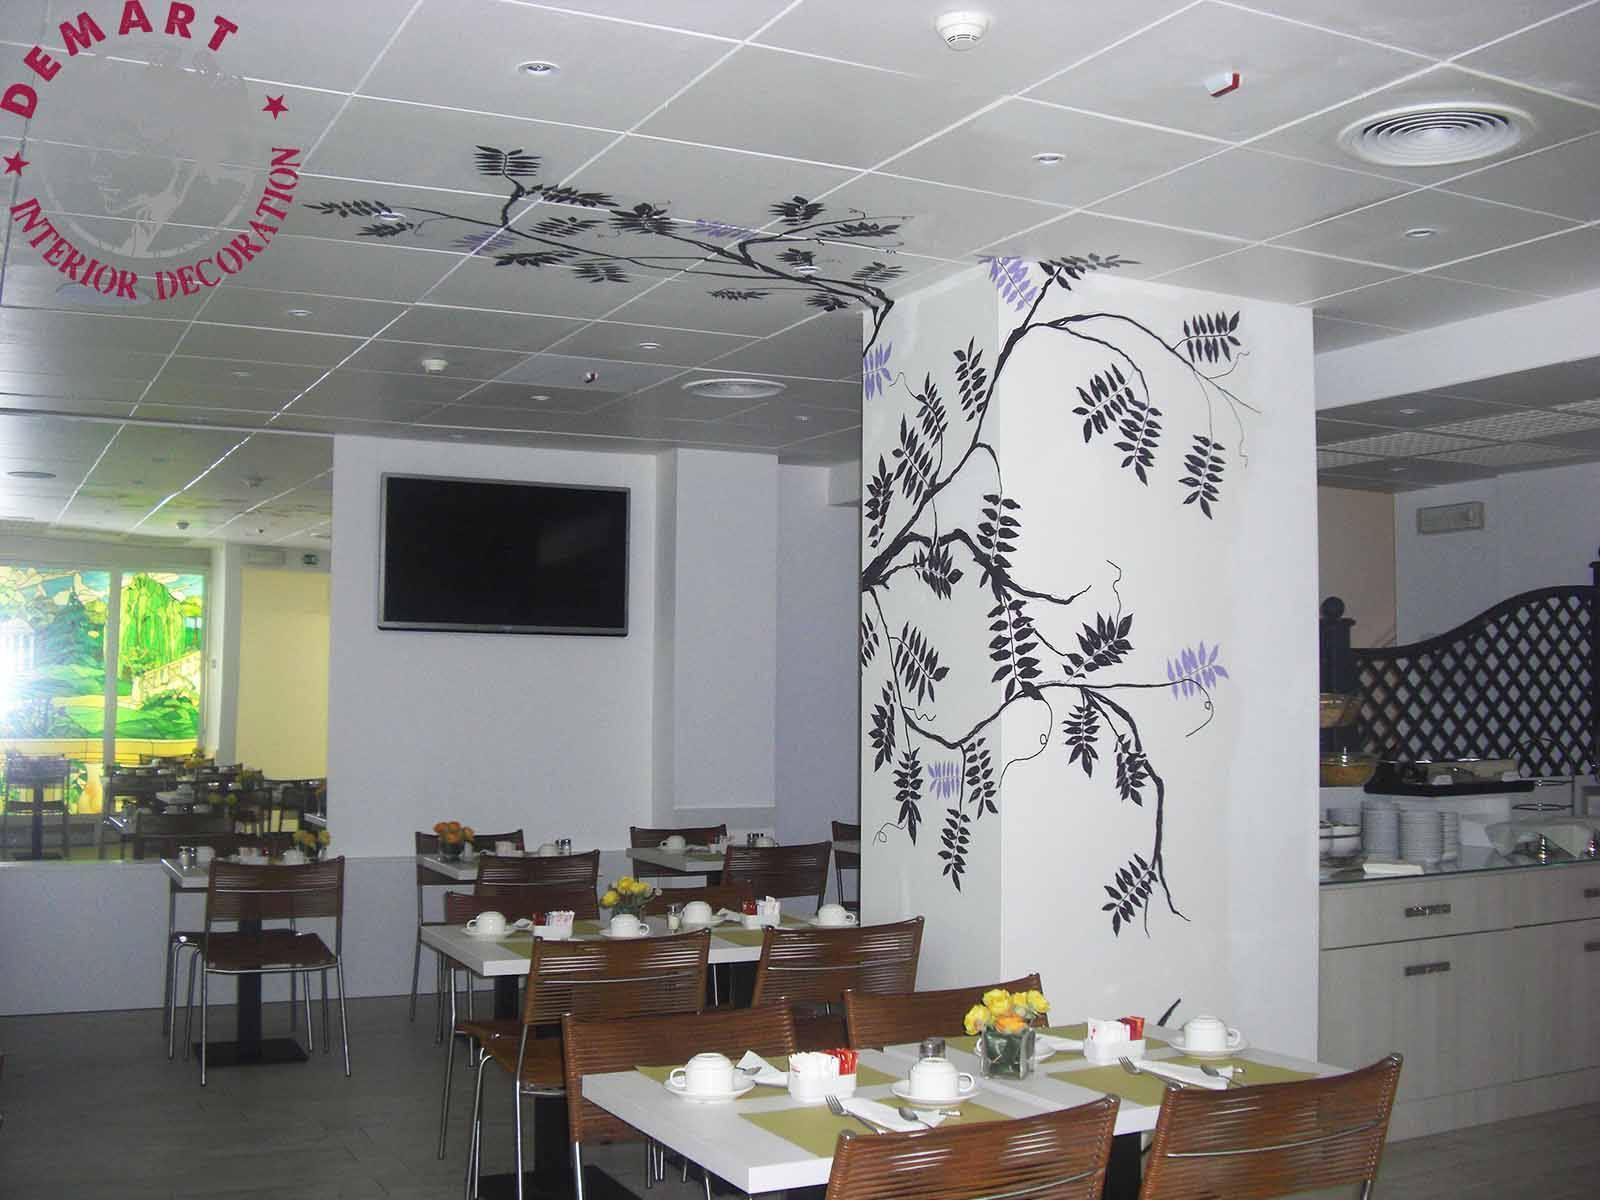 decorazione-colonna-affresco-digitale-hotel